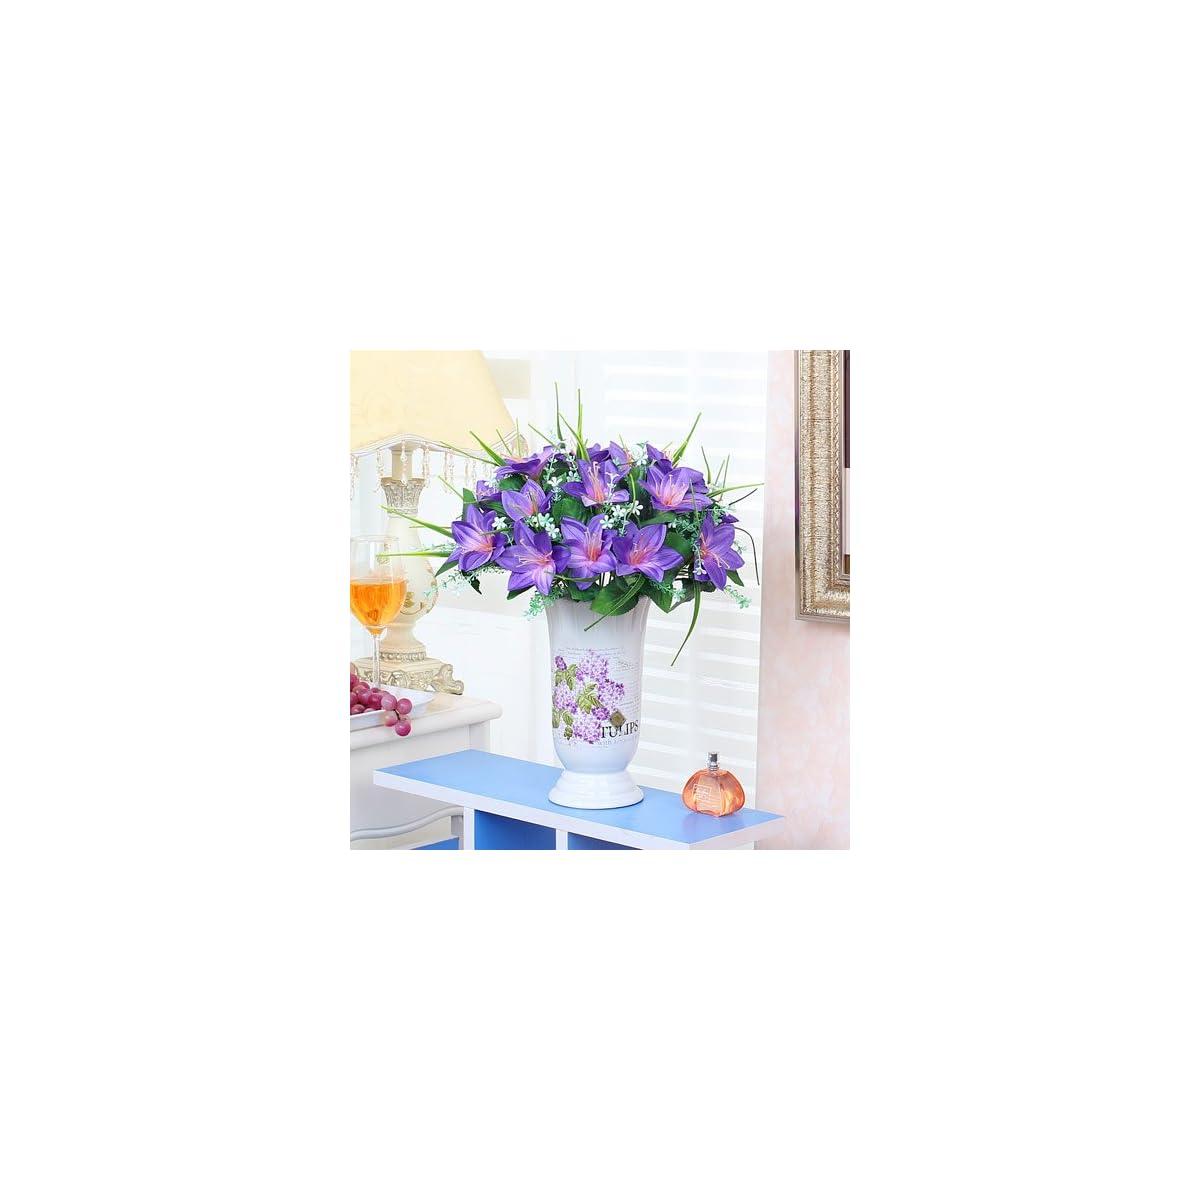 Xin Pang Salón De Flores Artificiales Decoración Floral Traje De Flores Jarrón High Grade Simulación Arreglo Floral Flor House Muebles Para El Hogar